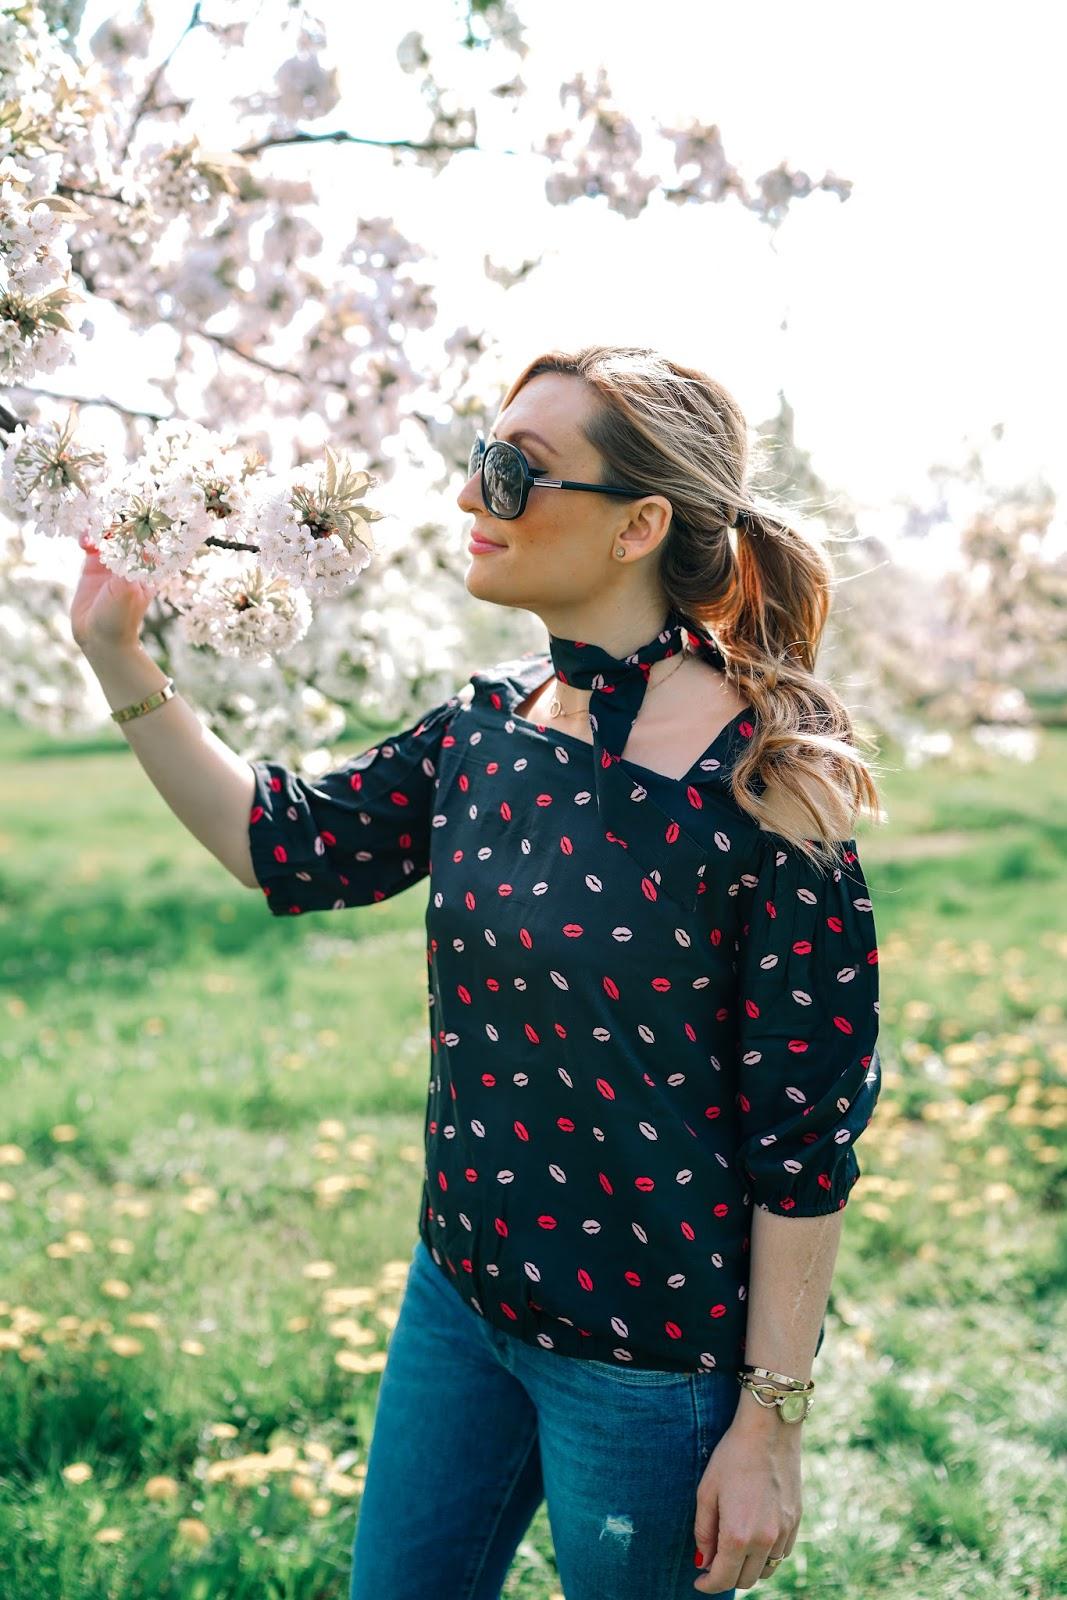 blogger-aus-deutschland-schlupfbluse-Korbtasche-Conleys-Top-Kirchblüten-Fashionblogger-Off-Shoulde-fashionstylebyjohanna-espadrilles-blogger-aus-frankfurt-frankfurt-fashionblogger